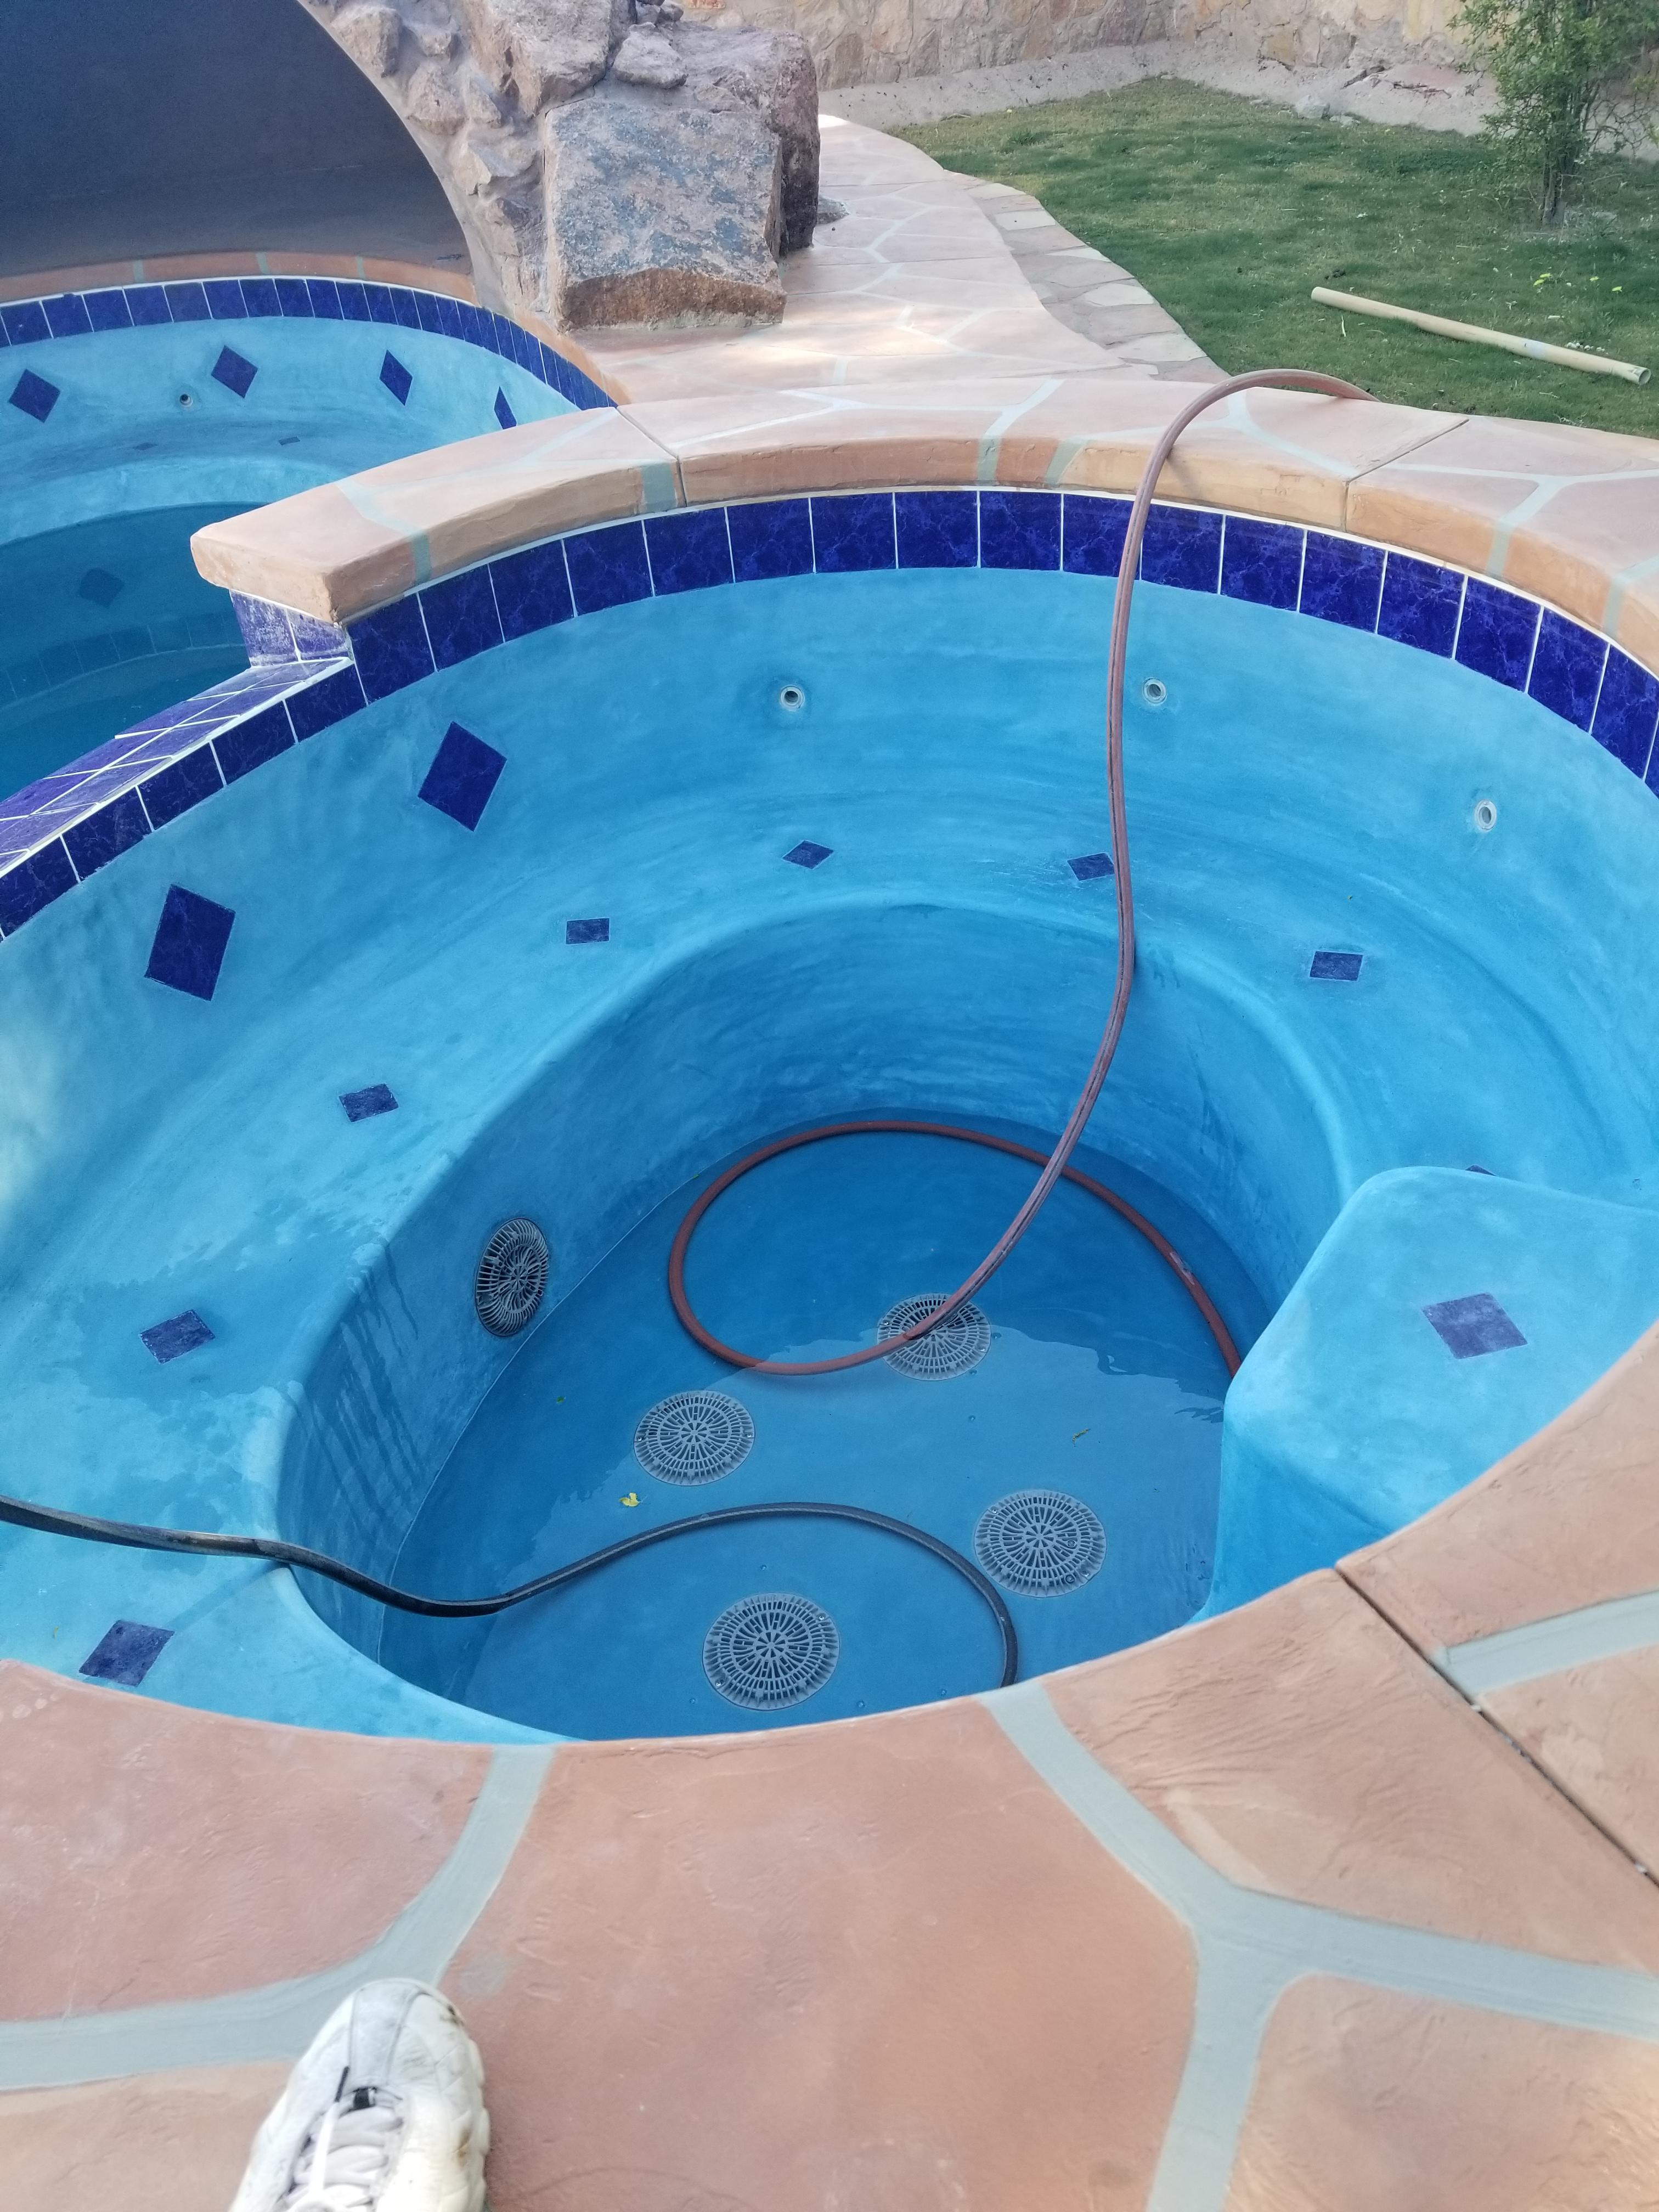 Ocean pools in san antonio tx 78212 for Swimming pool repairs san antonio